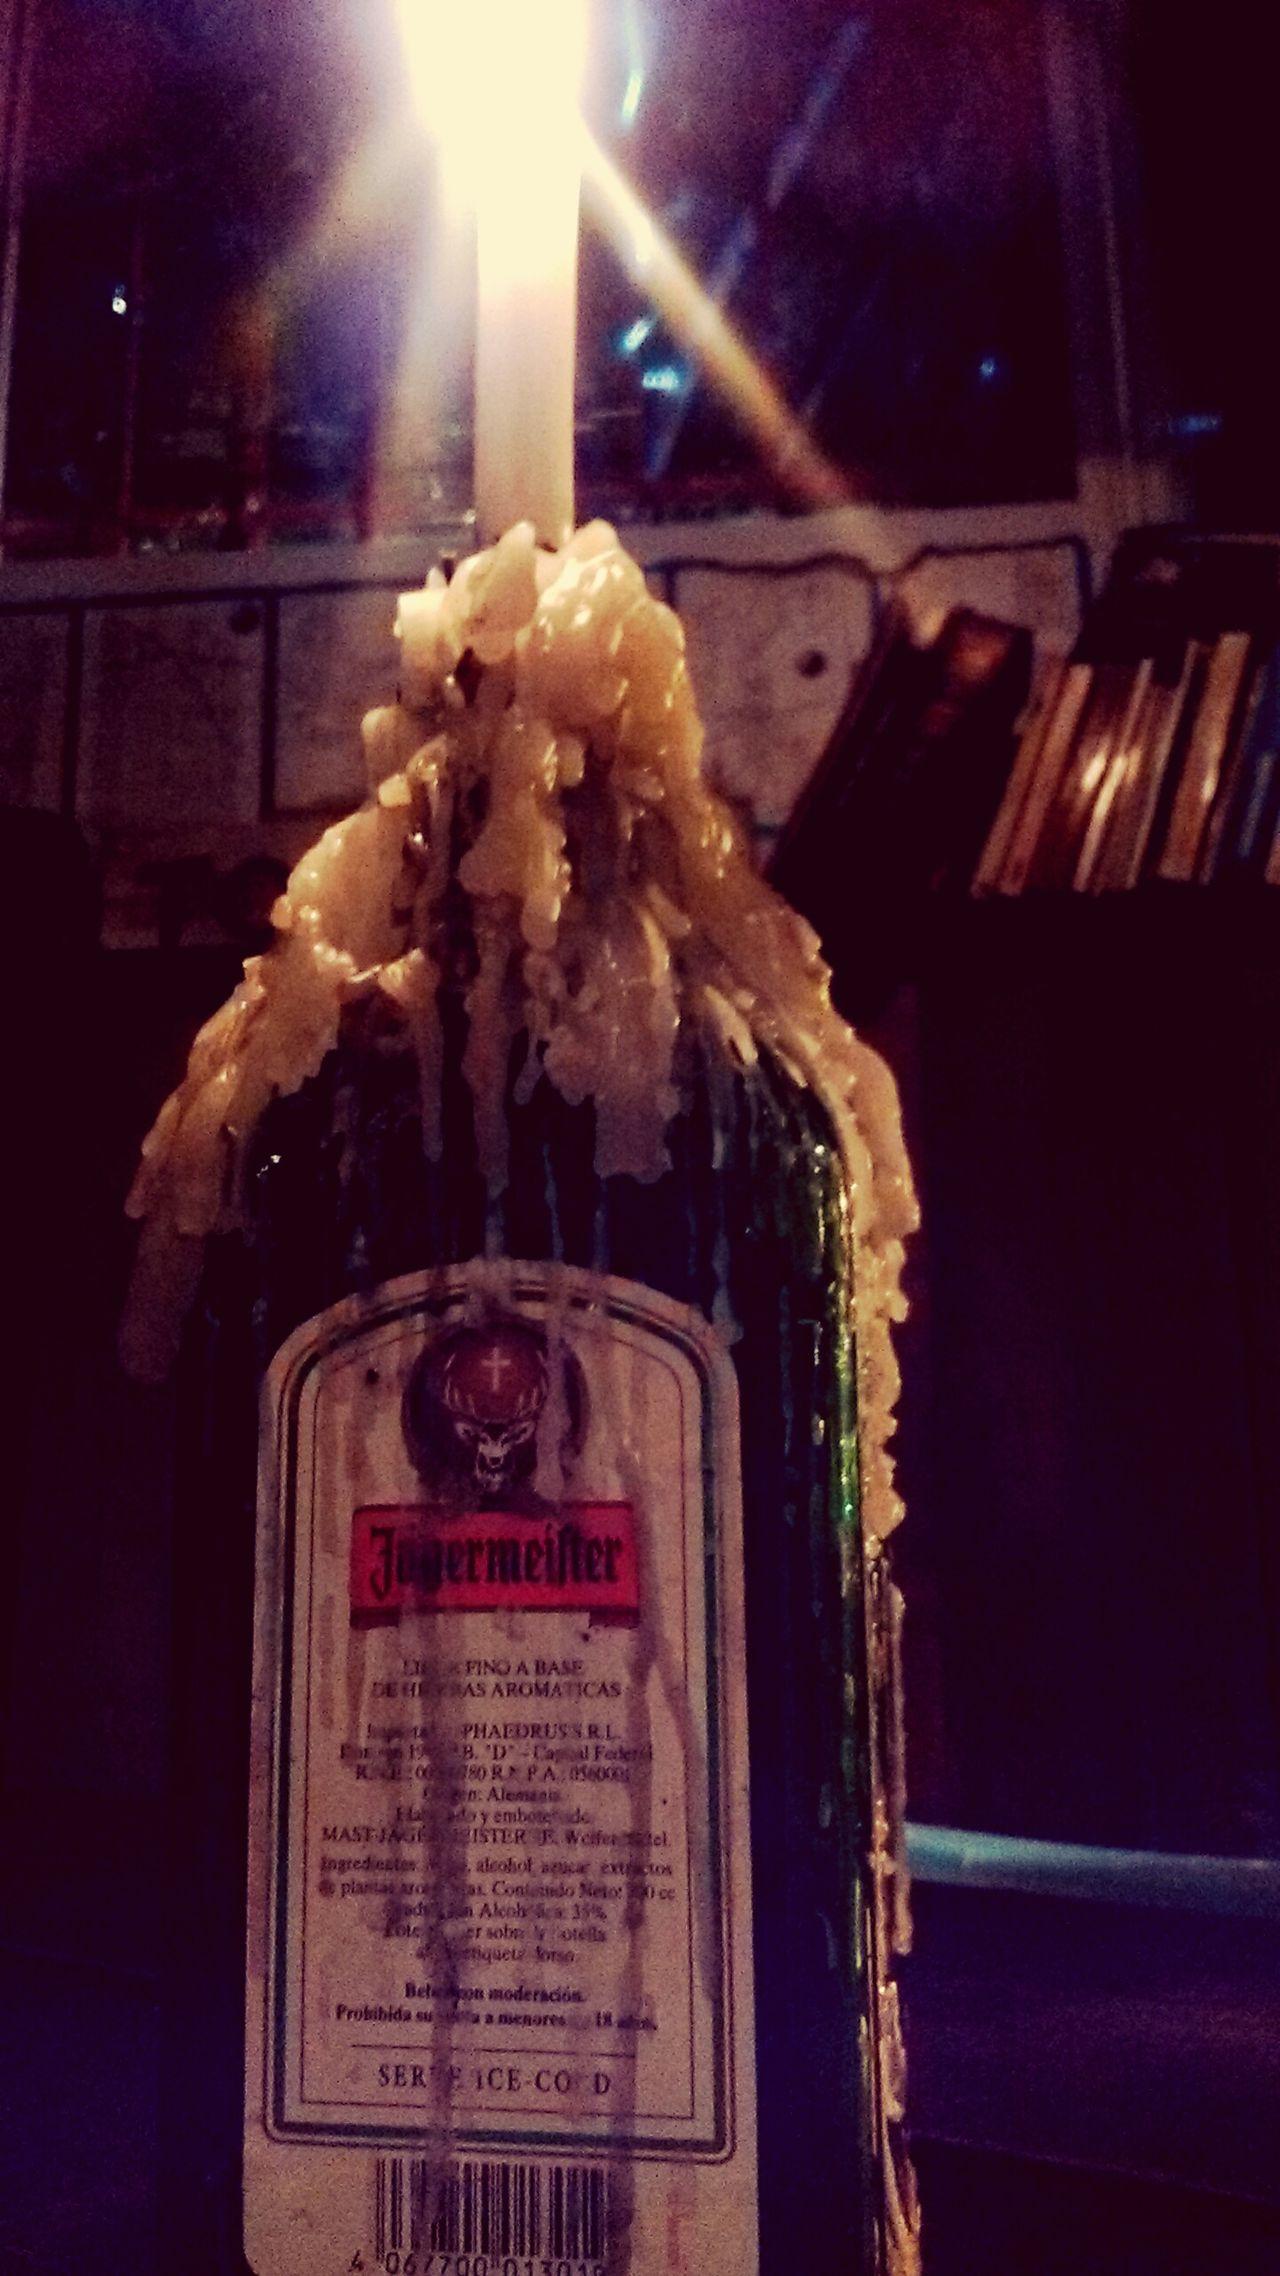 Vela Botella Bar la noche recien arranca... Los30devalocha